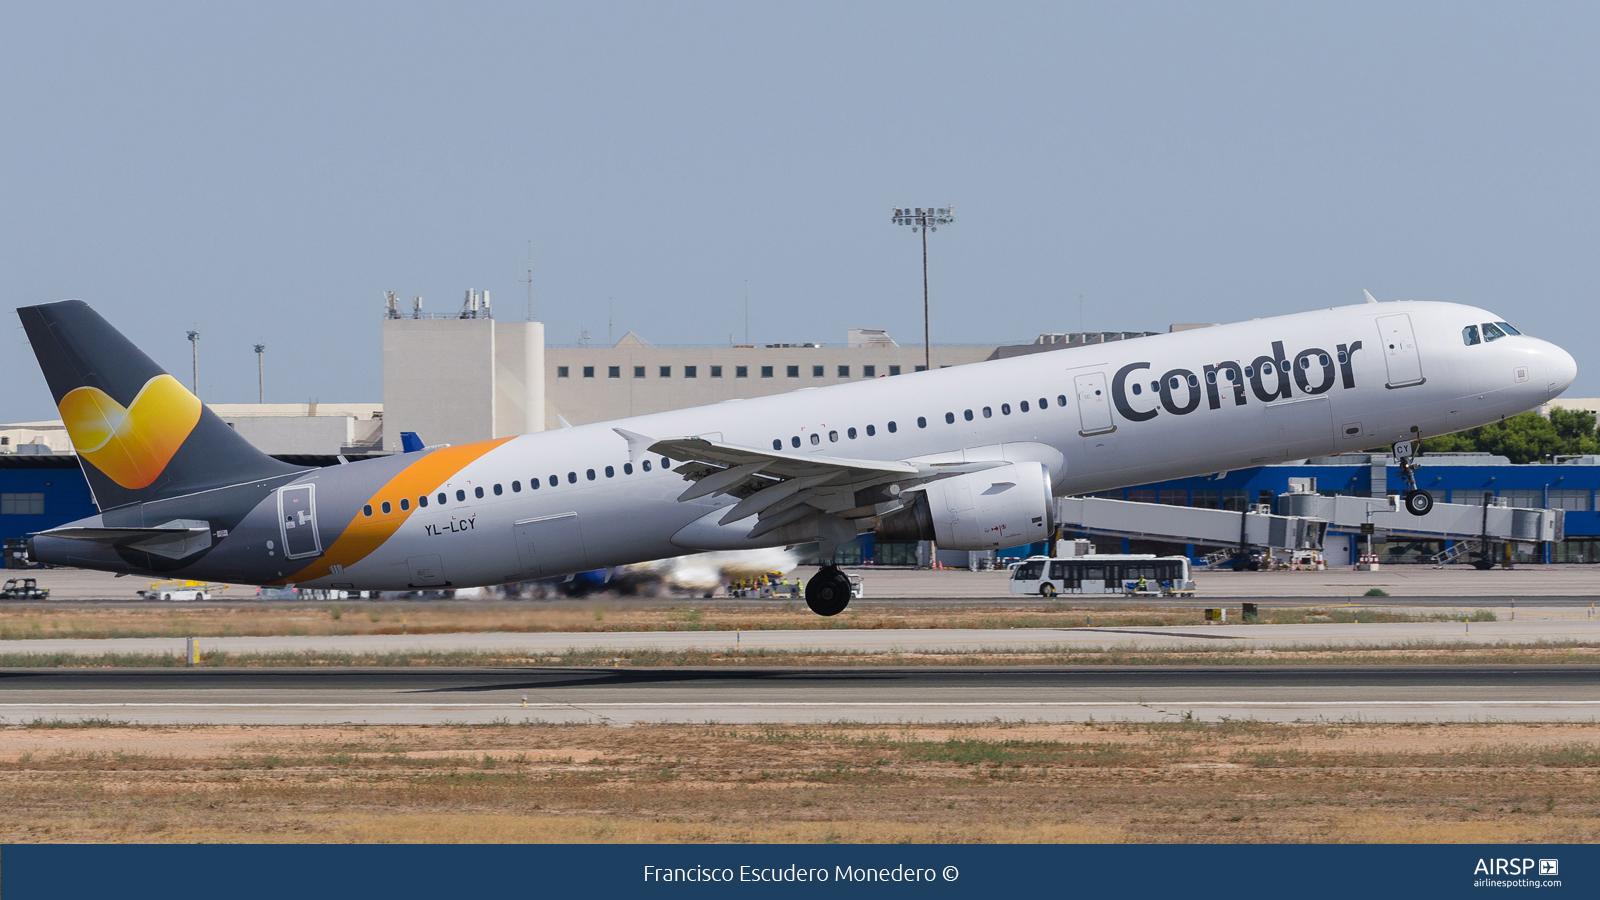 Condor  Airbus A321  YL-LCY